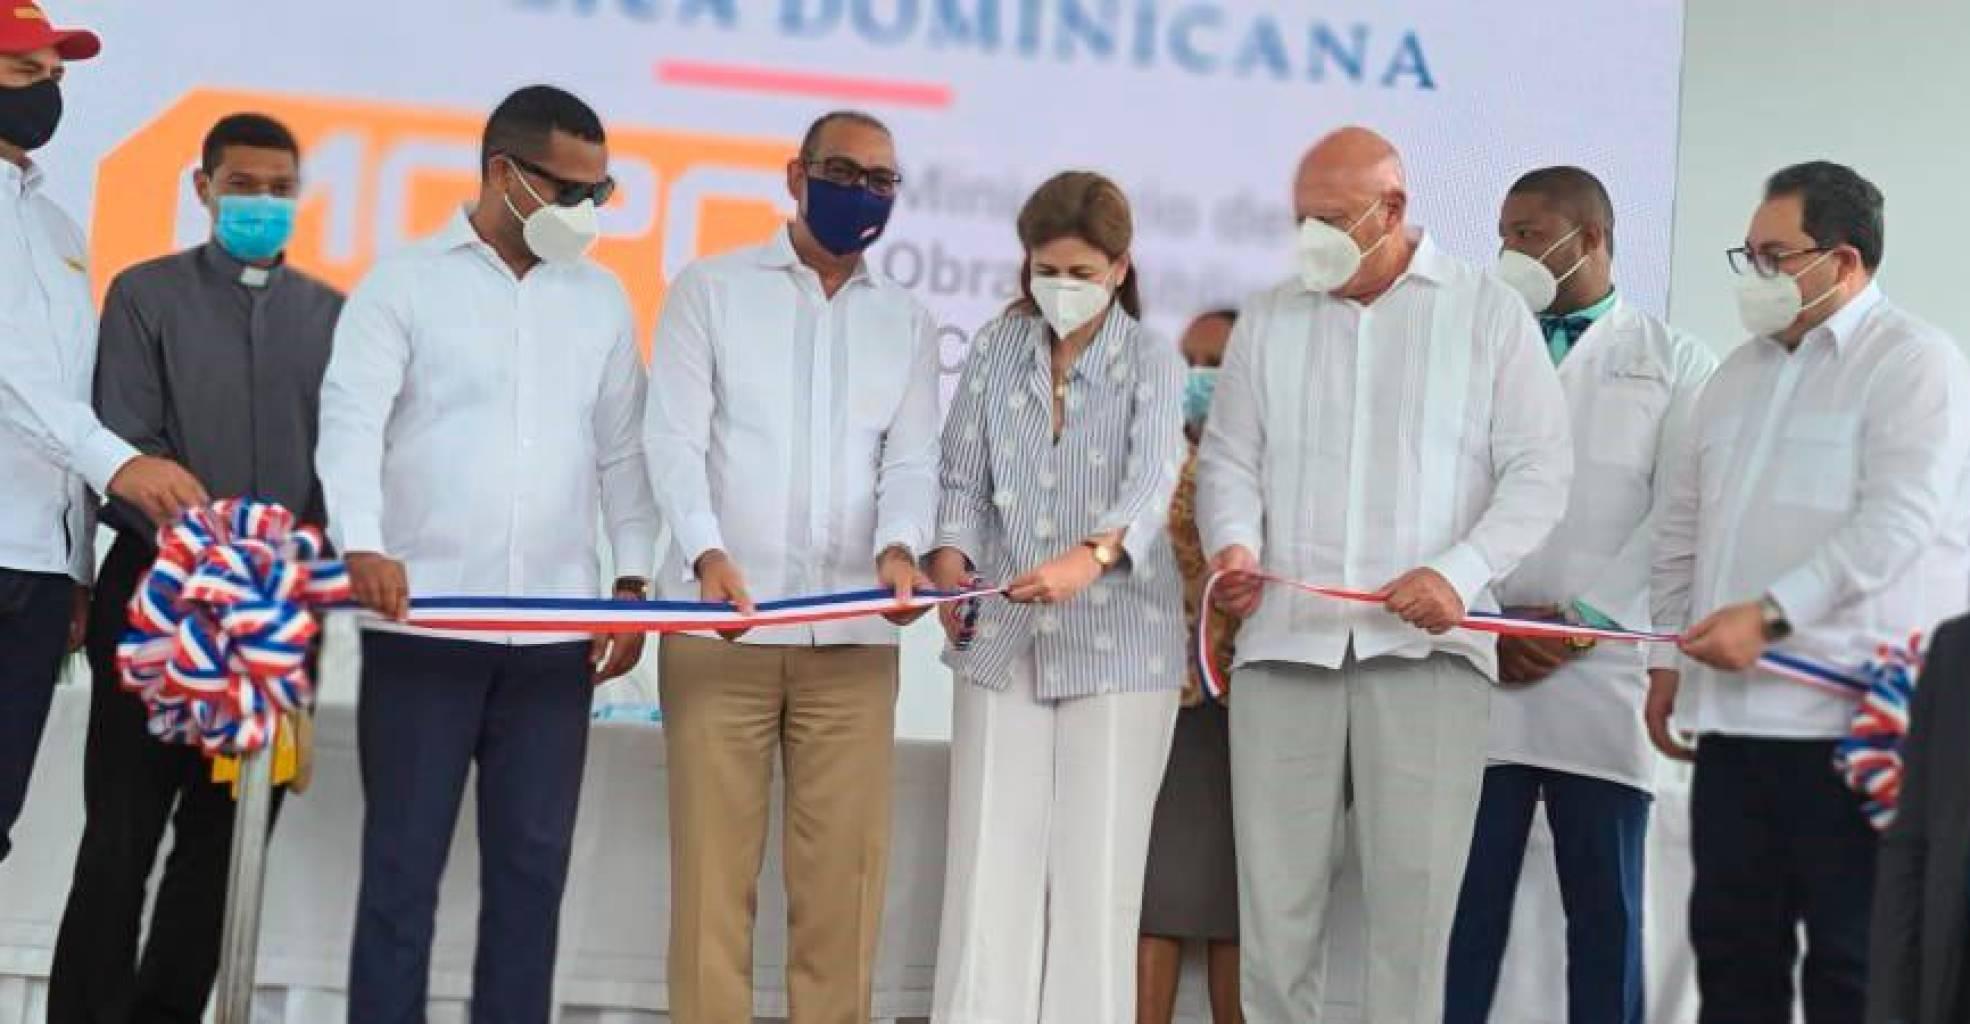 Obras Públicas inaugura hospital en Las Terrenas